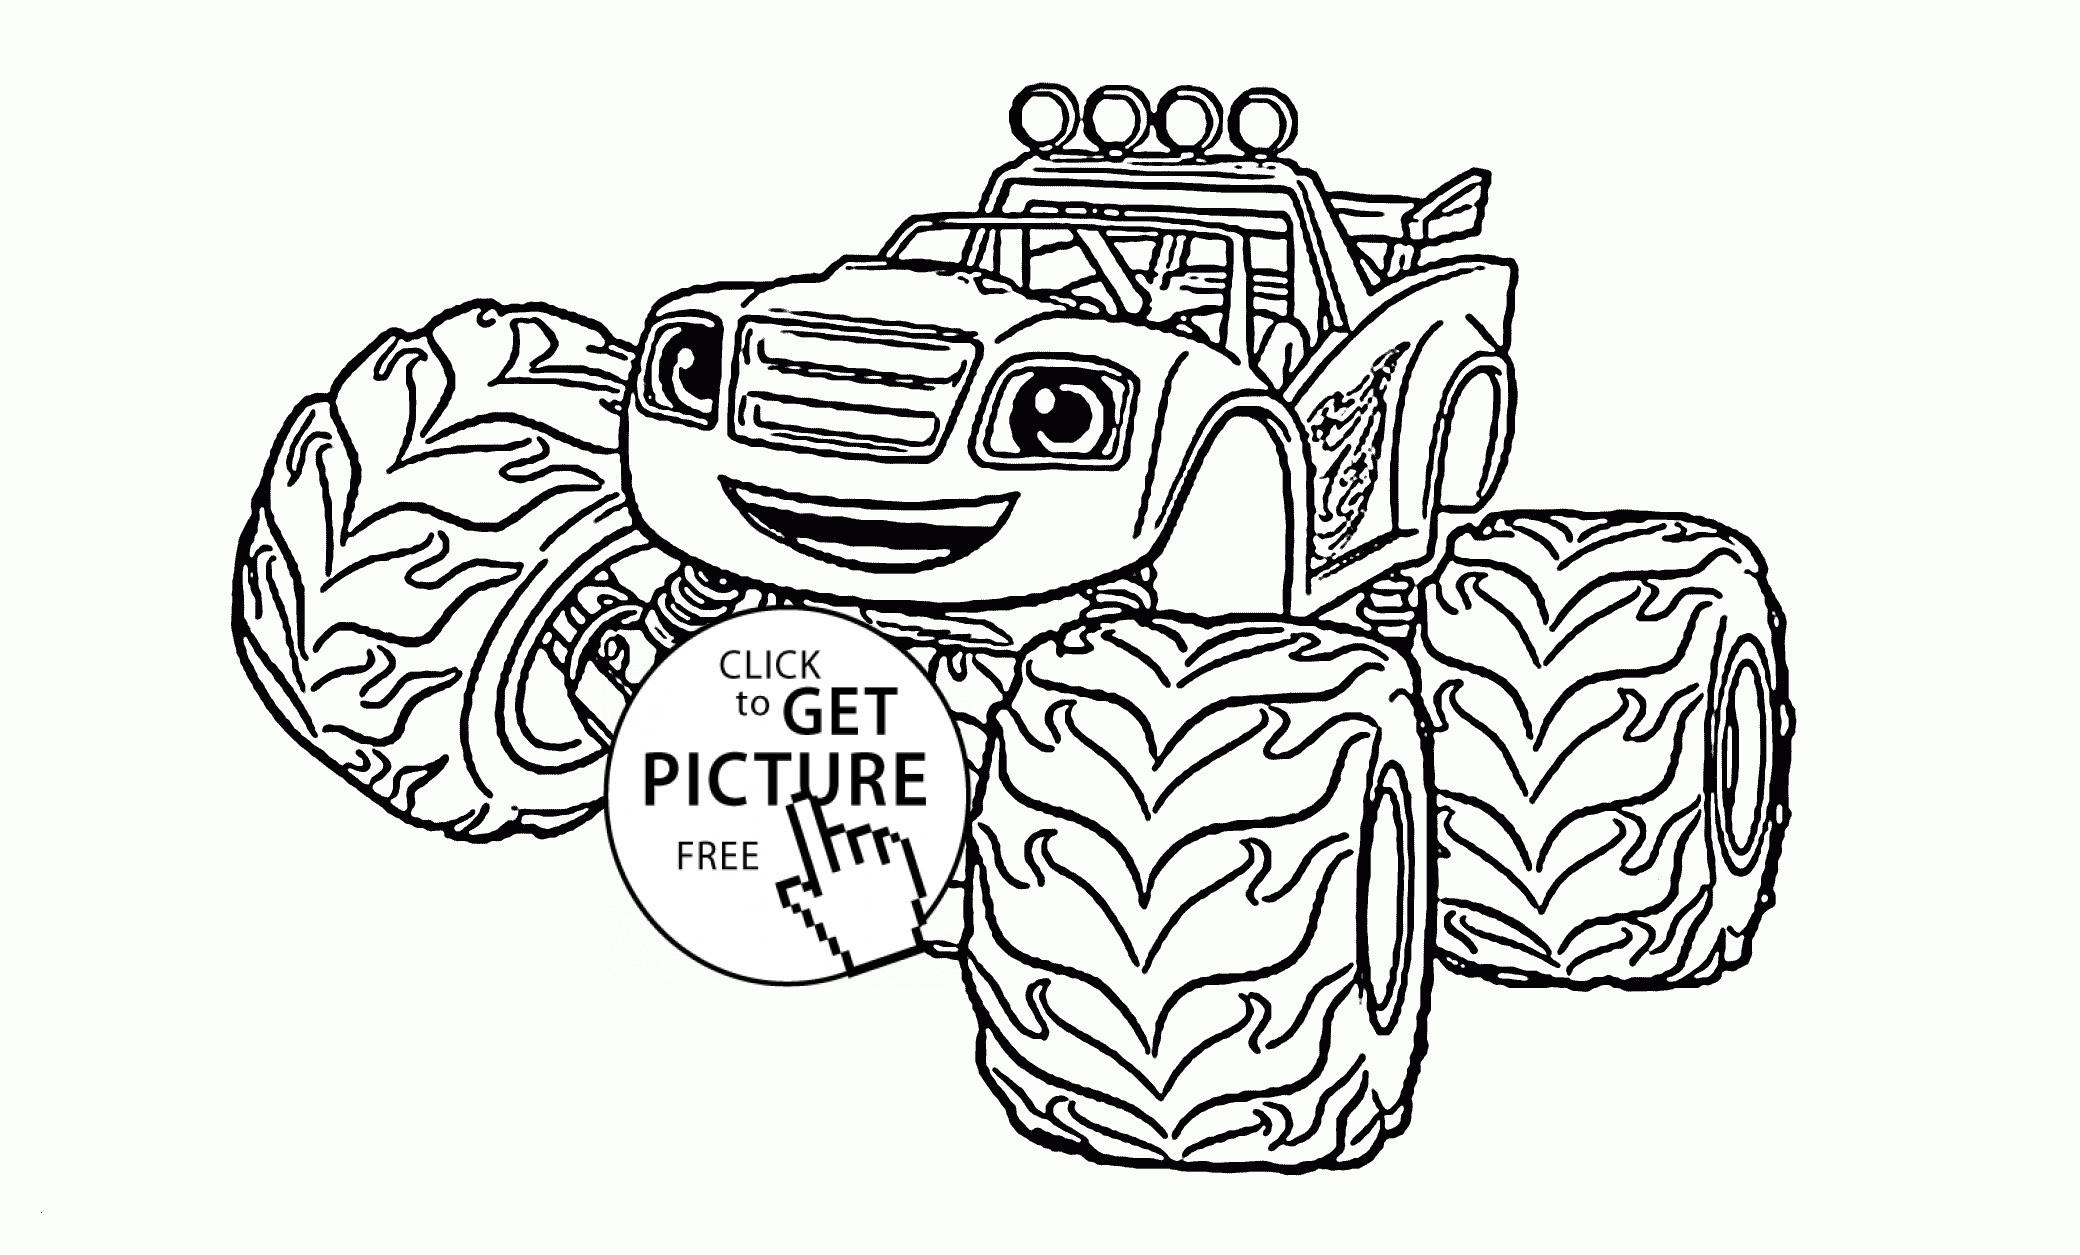 Einhorn Emoji Zum Ausmalen Inspirierend Neu Malvorlage Monster Truck Art Von Malvorlagen Inspirierend Stock